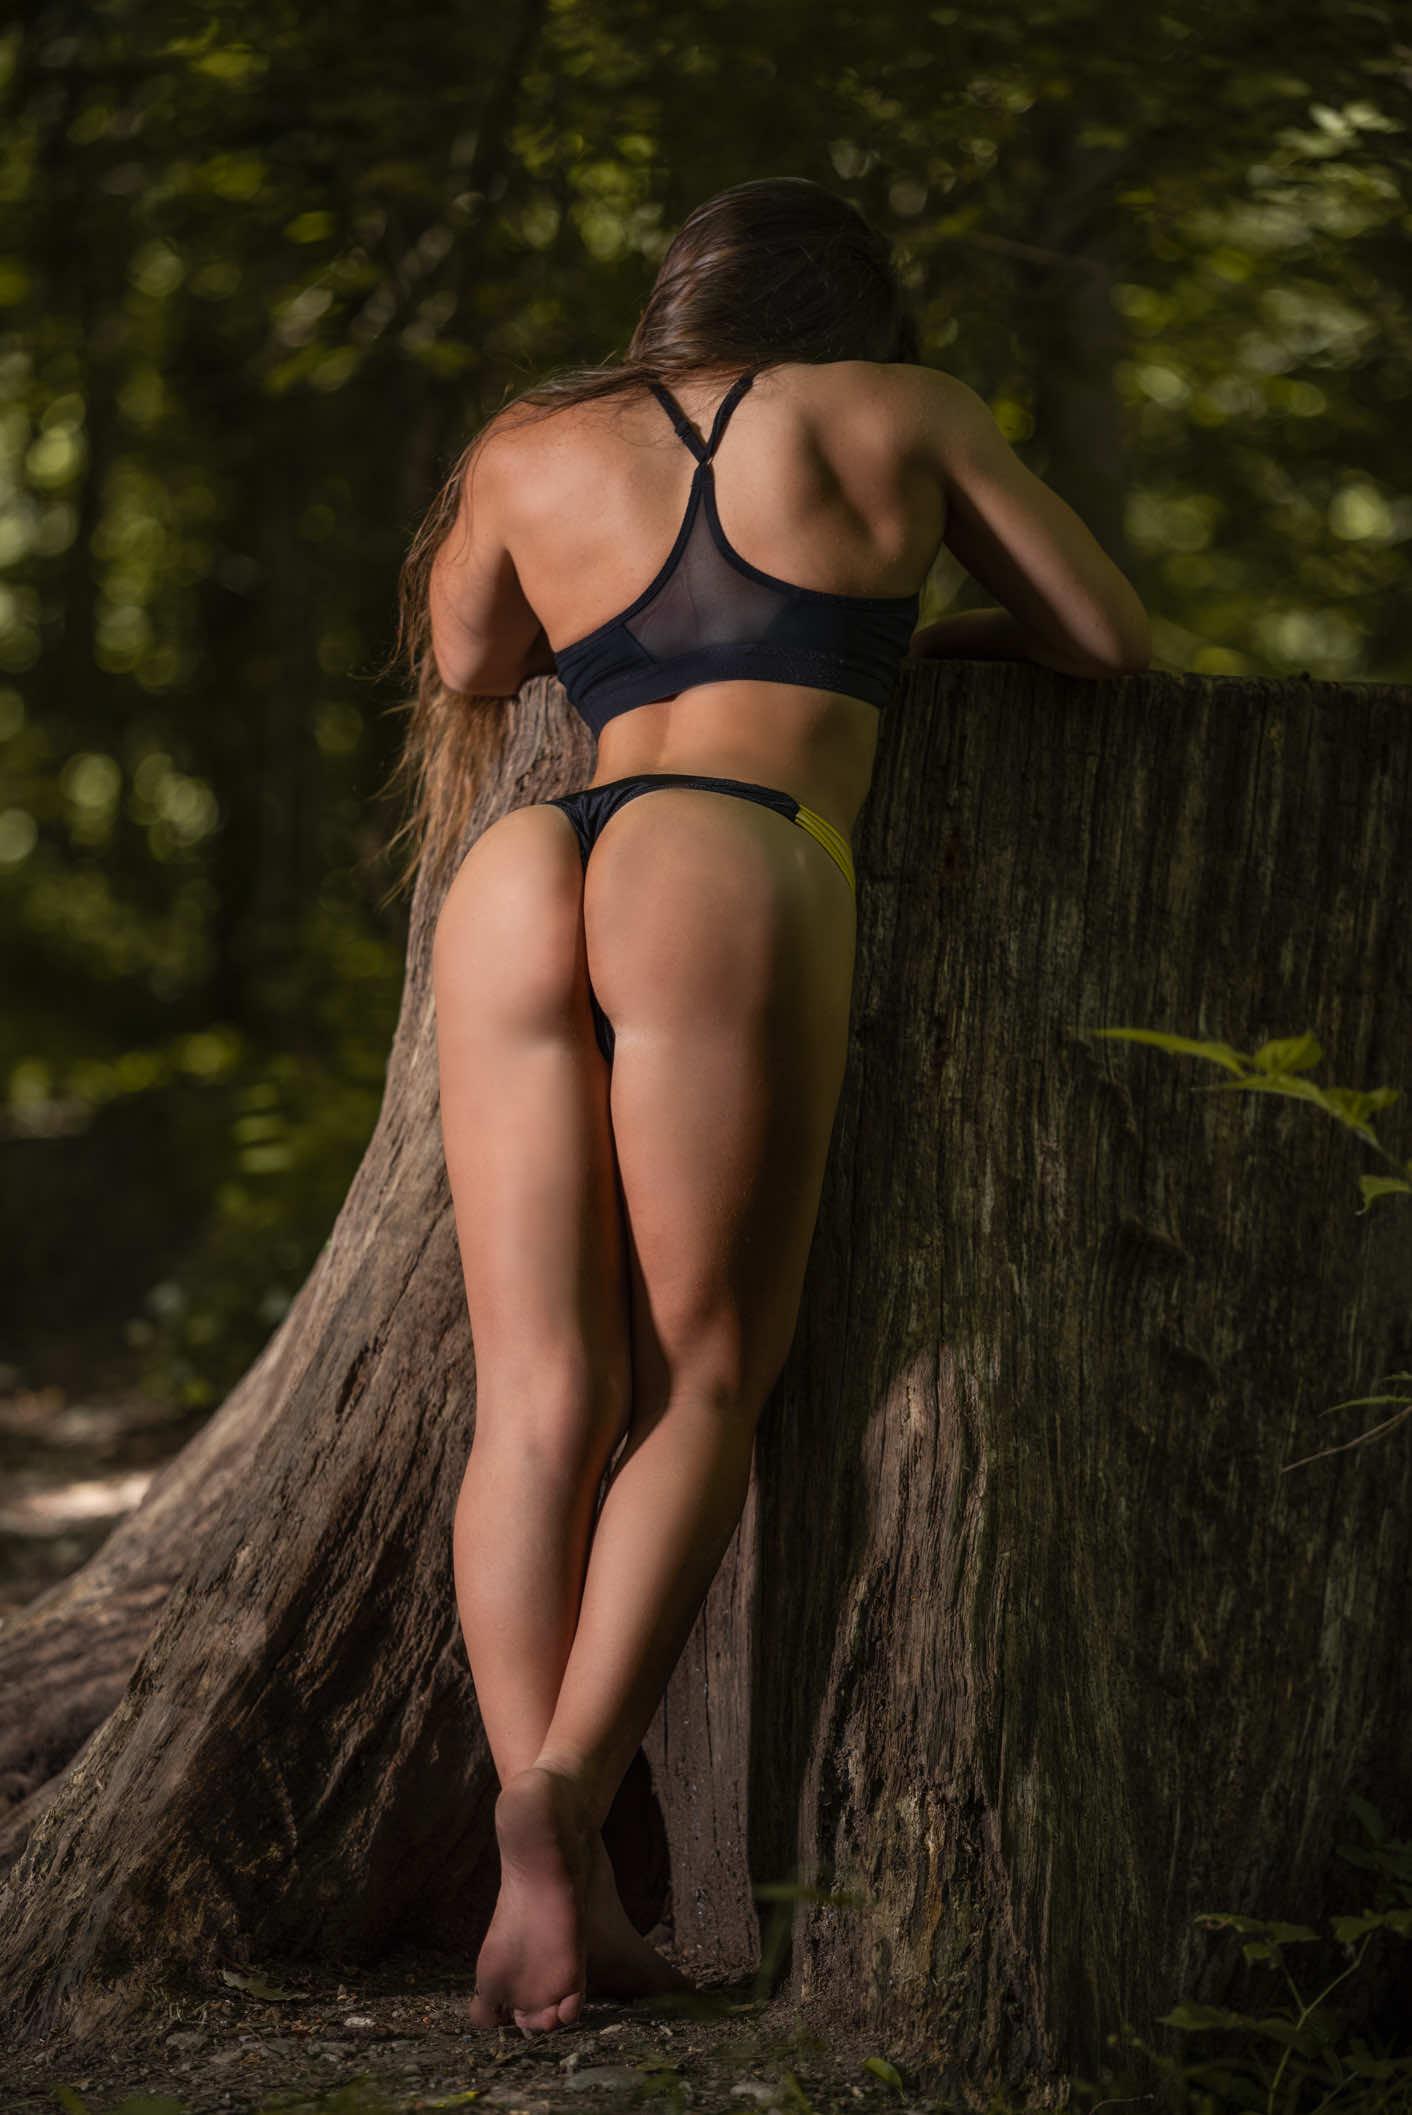 ragazza-allenata-costume-parco-monza-fitness